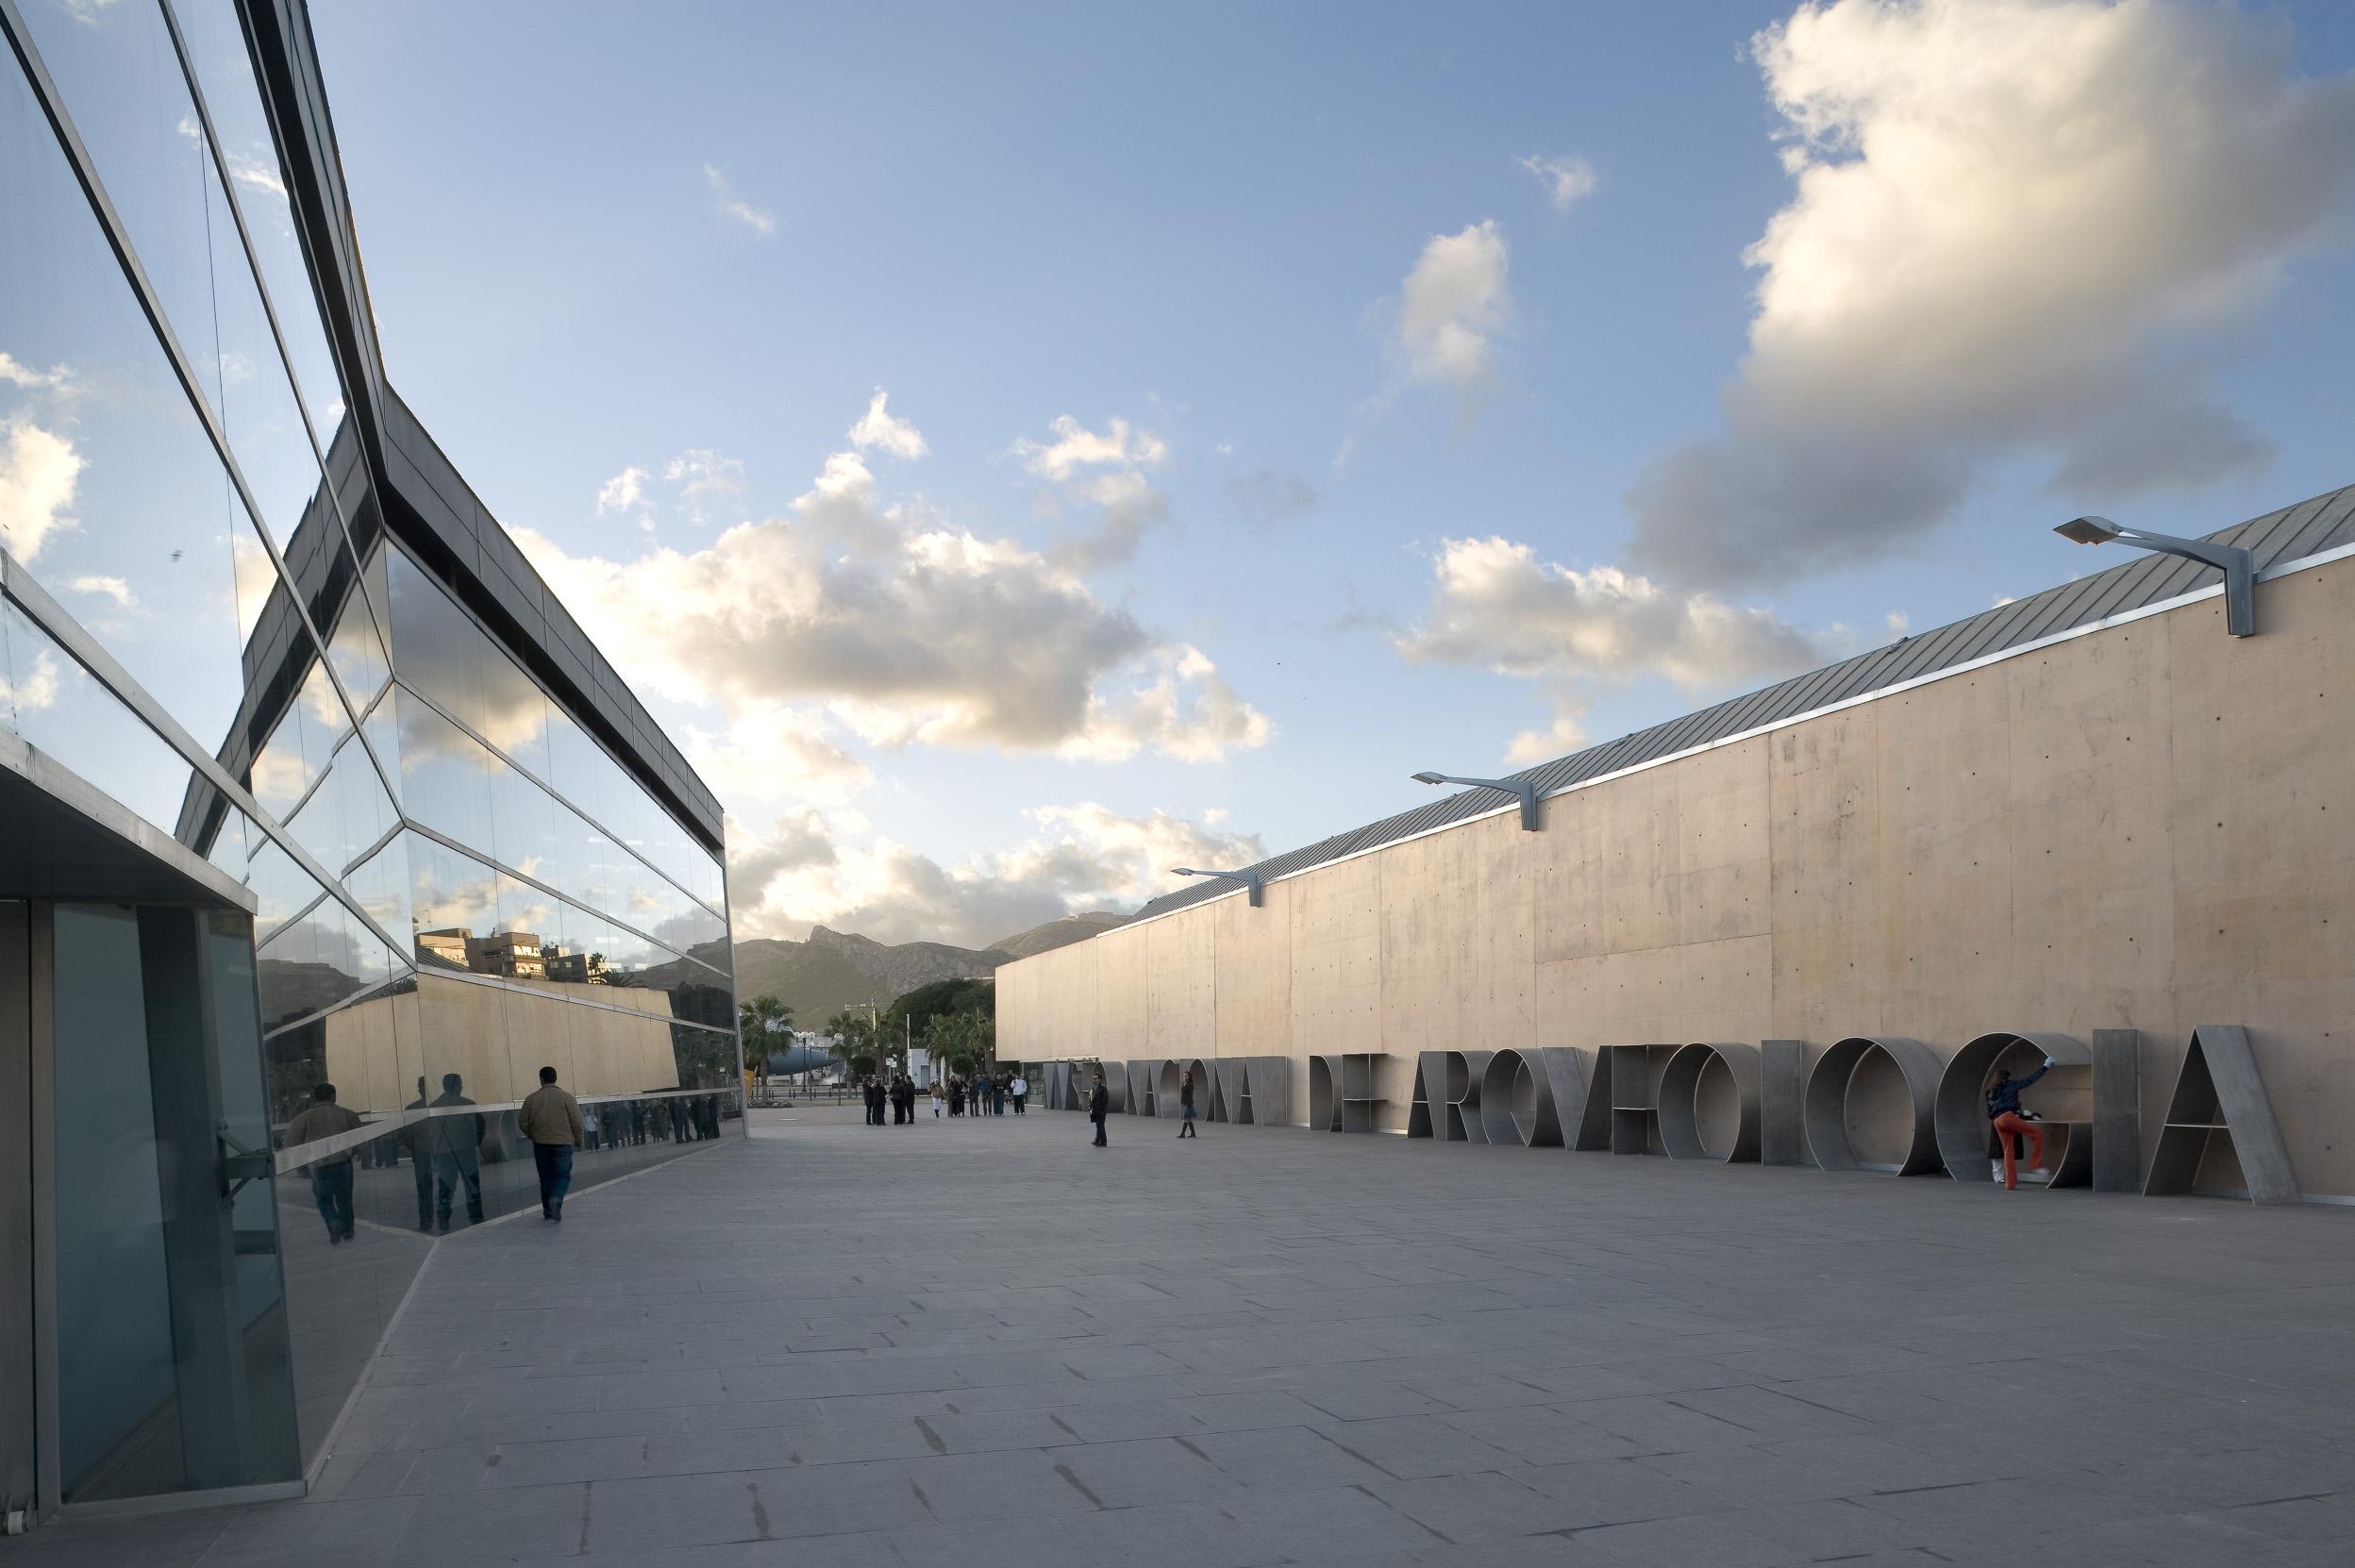 13. MUSEO NACIONAL DE ARQUEOLOGÍA SUBACUÁTICA (CARTAGENA)